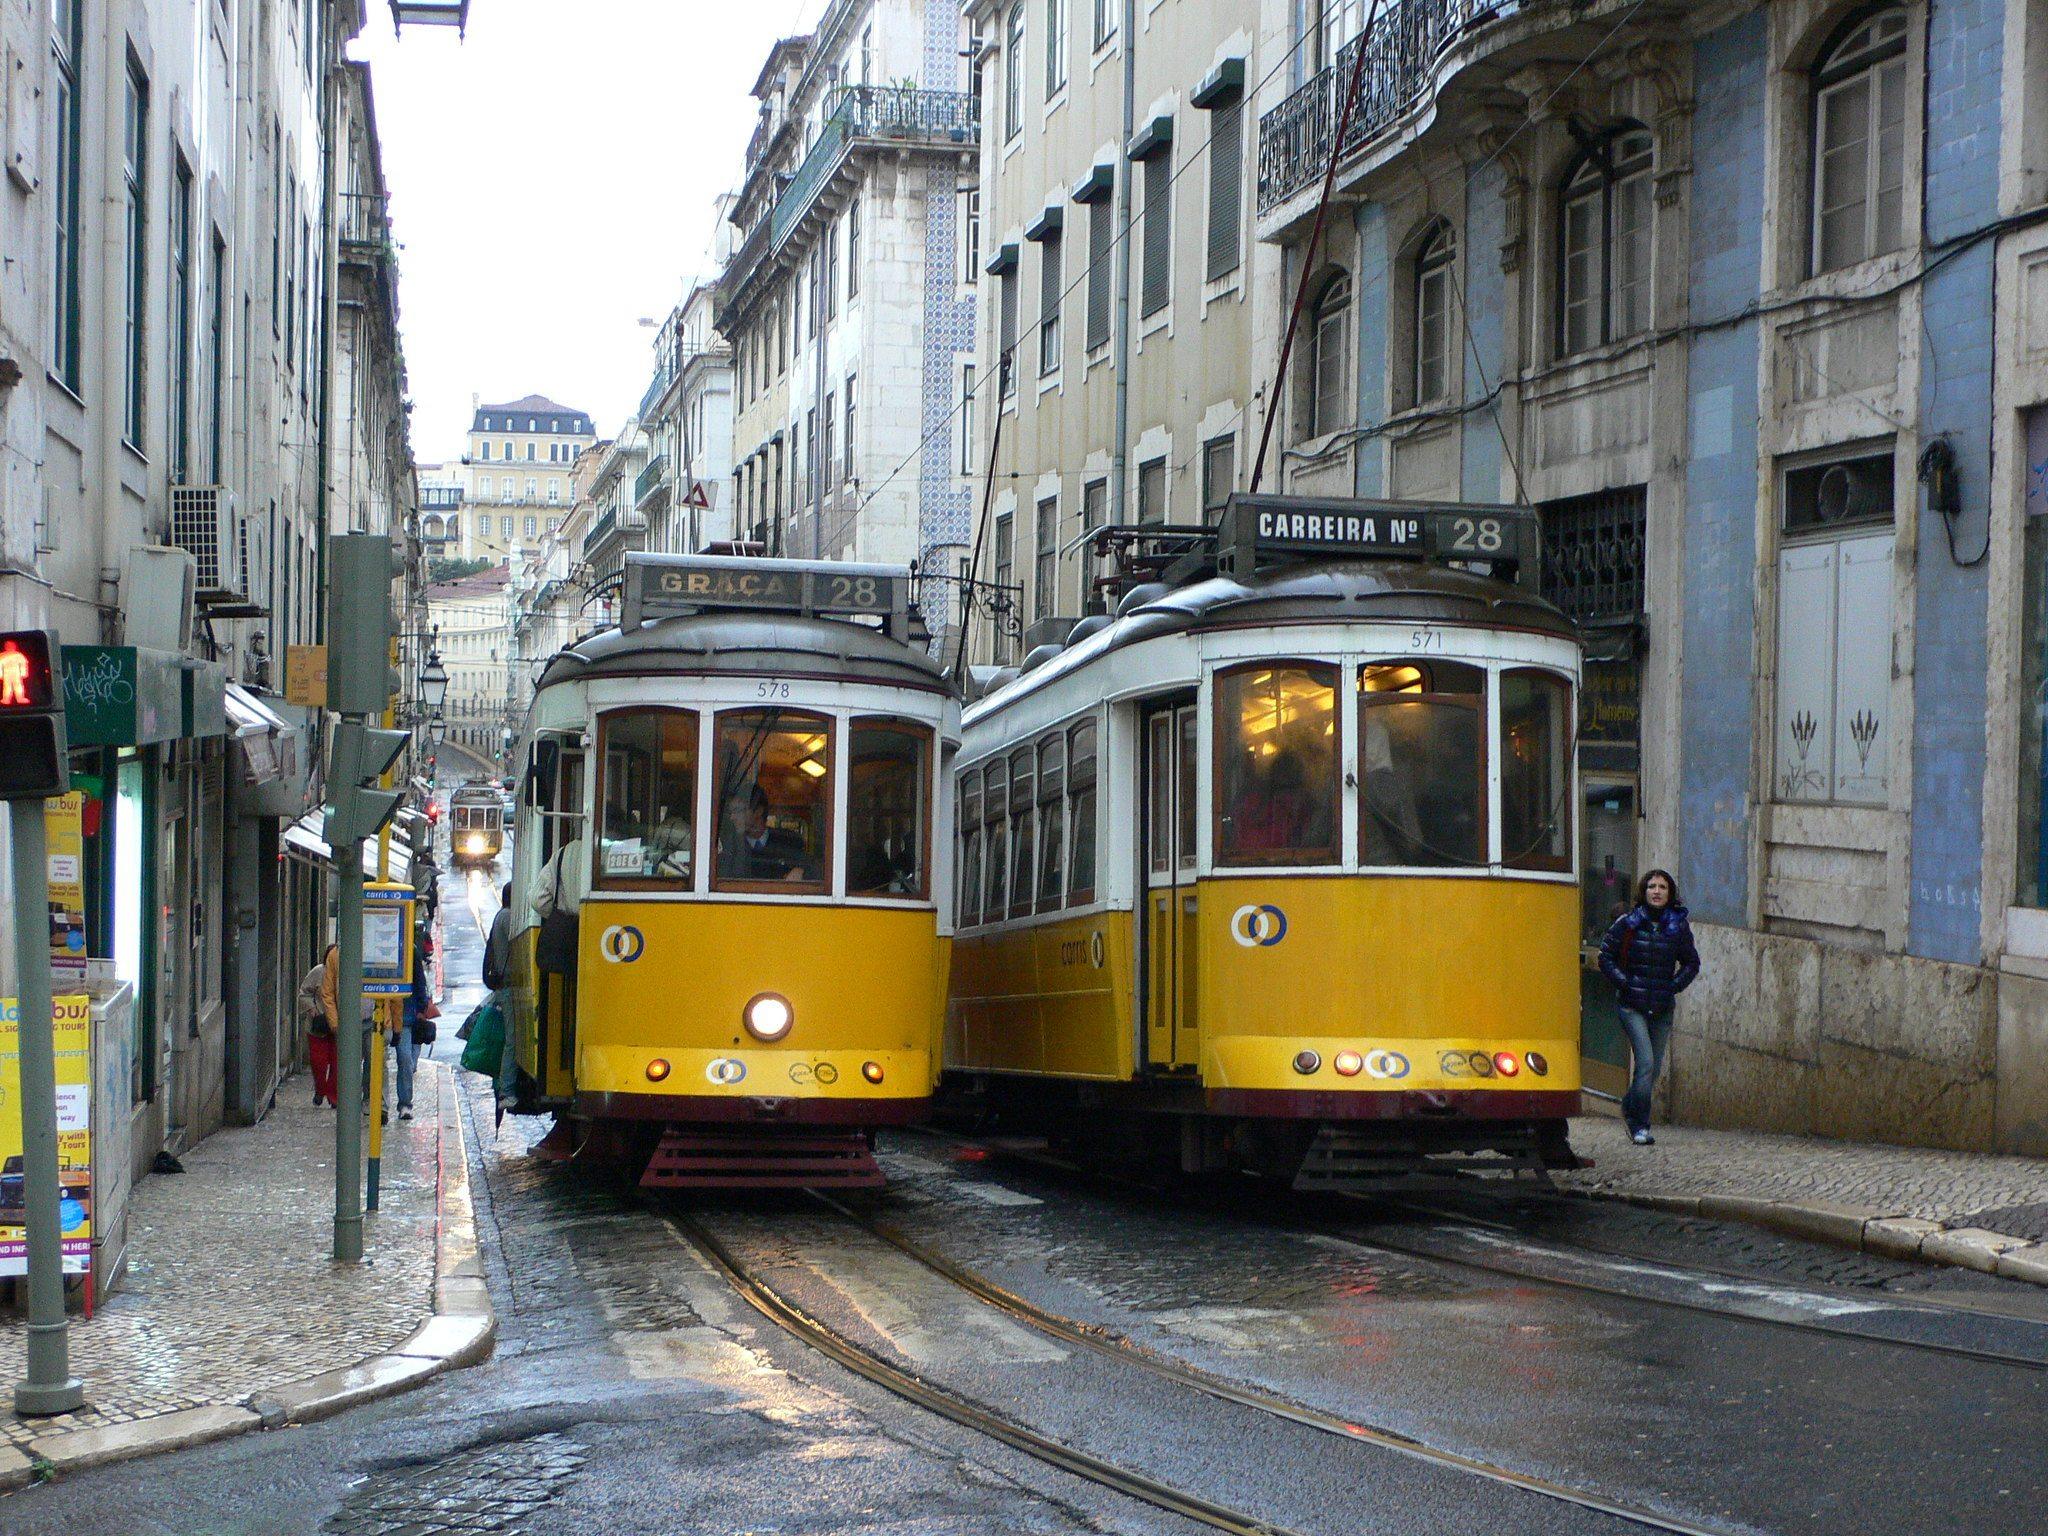 Lisbon trams - Weekend in Lisbon